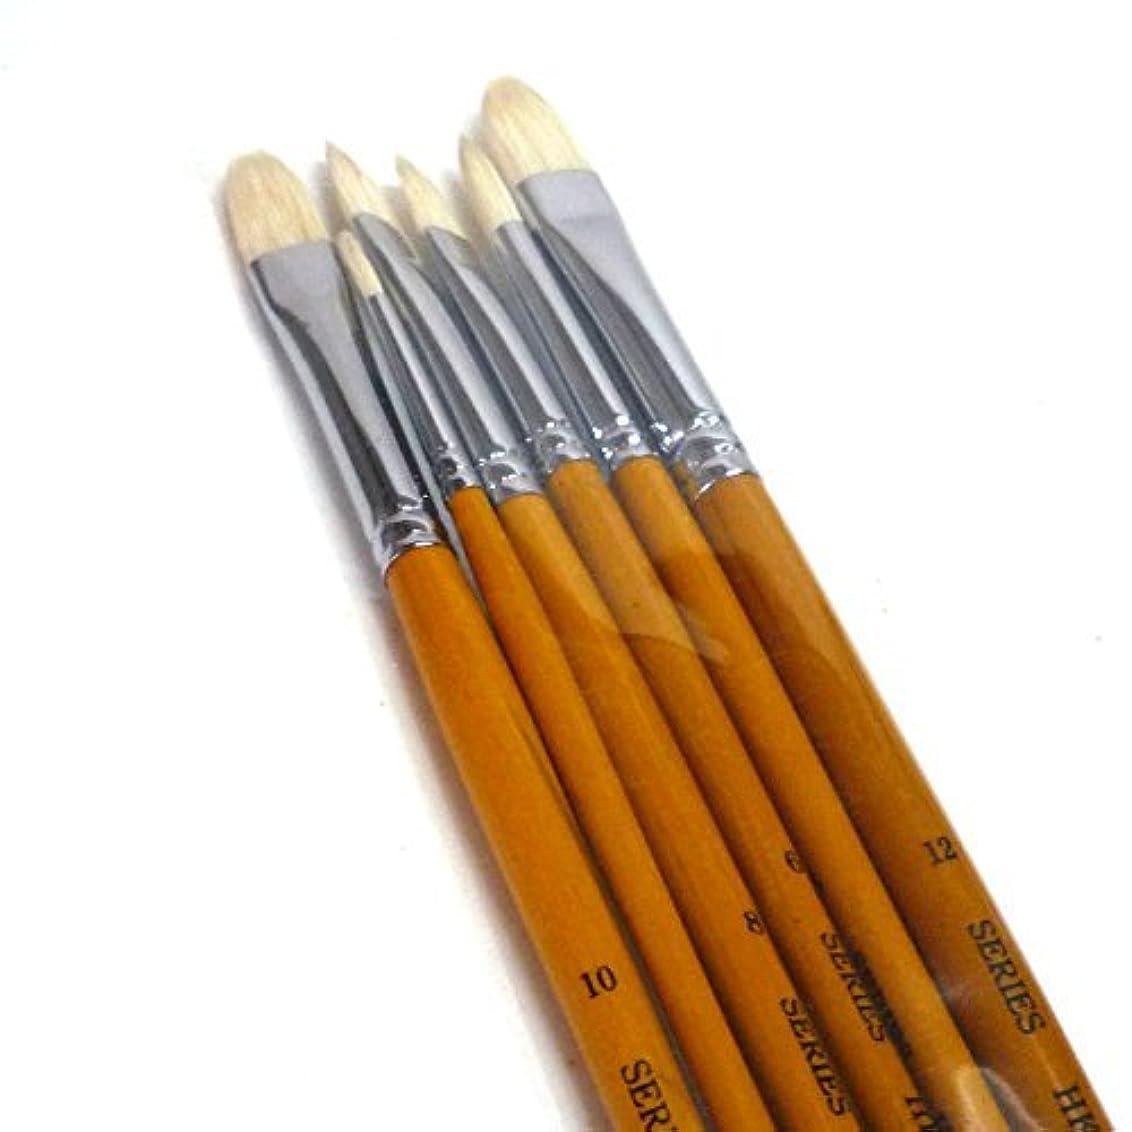 の量理容師職業サクラクレパス 画筆 豚毛 丸型 0号 木軸 KR#0(10) 10本